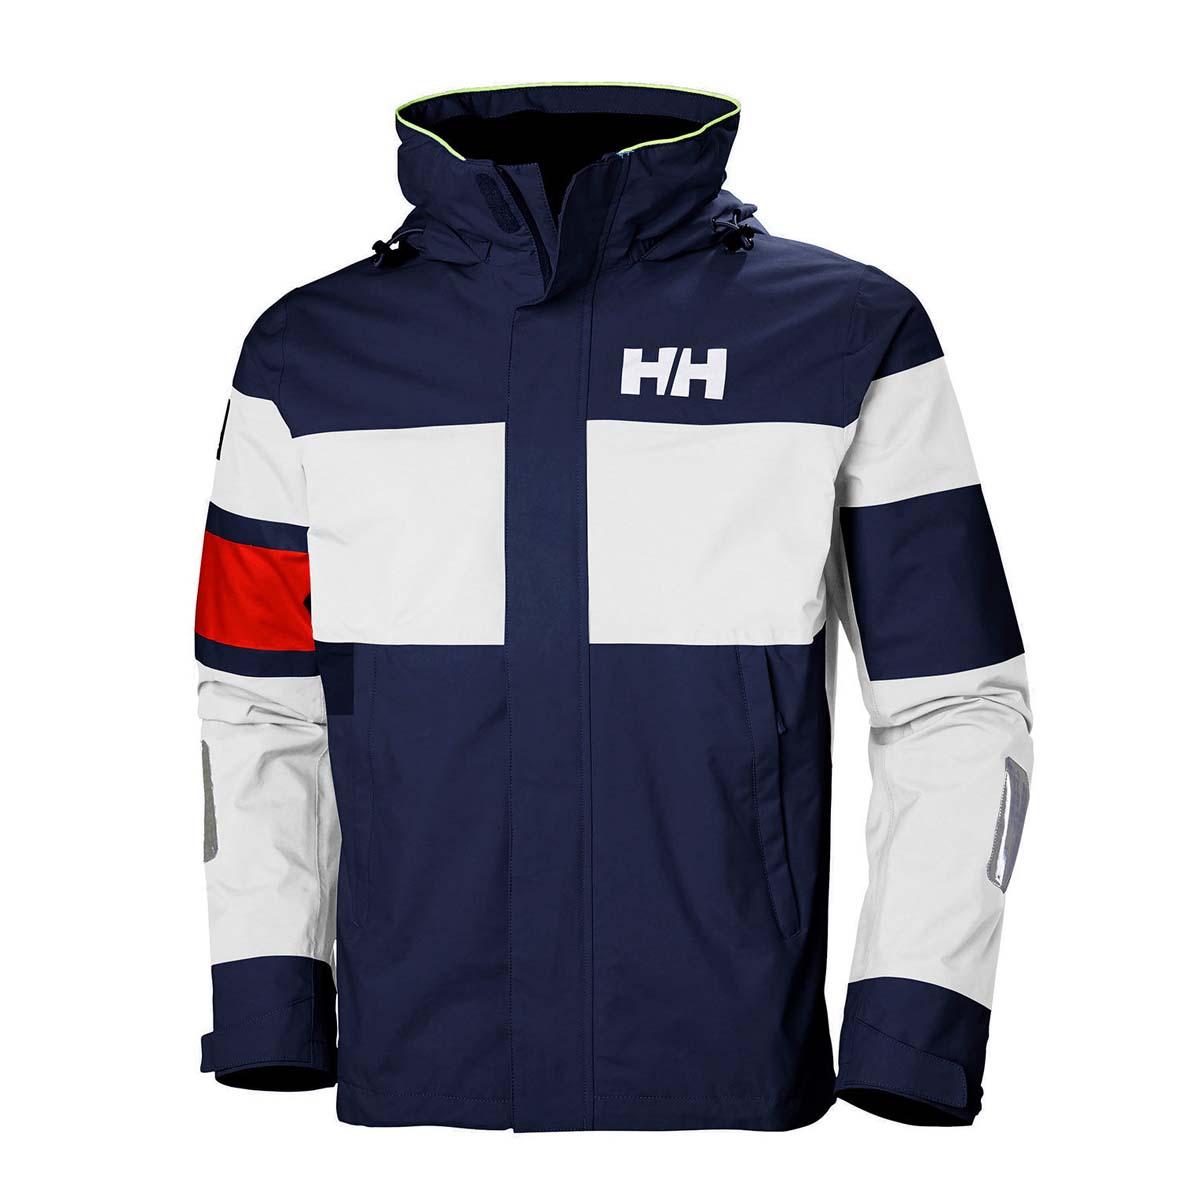 HELLY HANSEN SALT LIGHT JKT (33911)